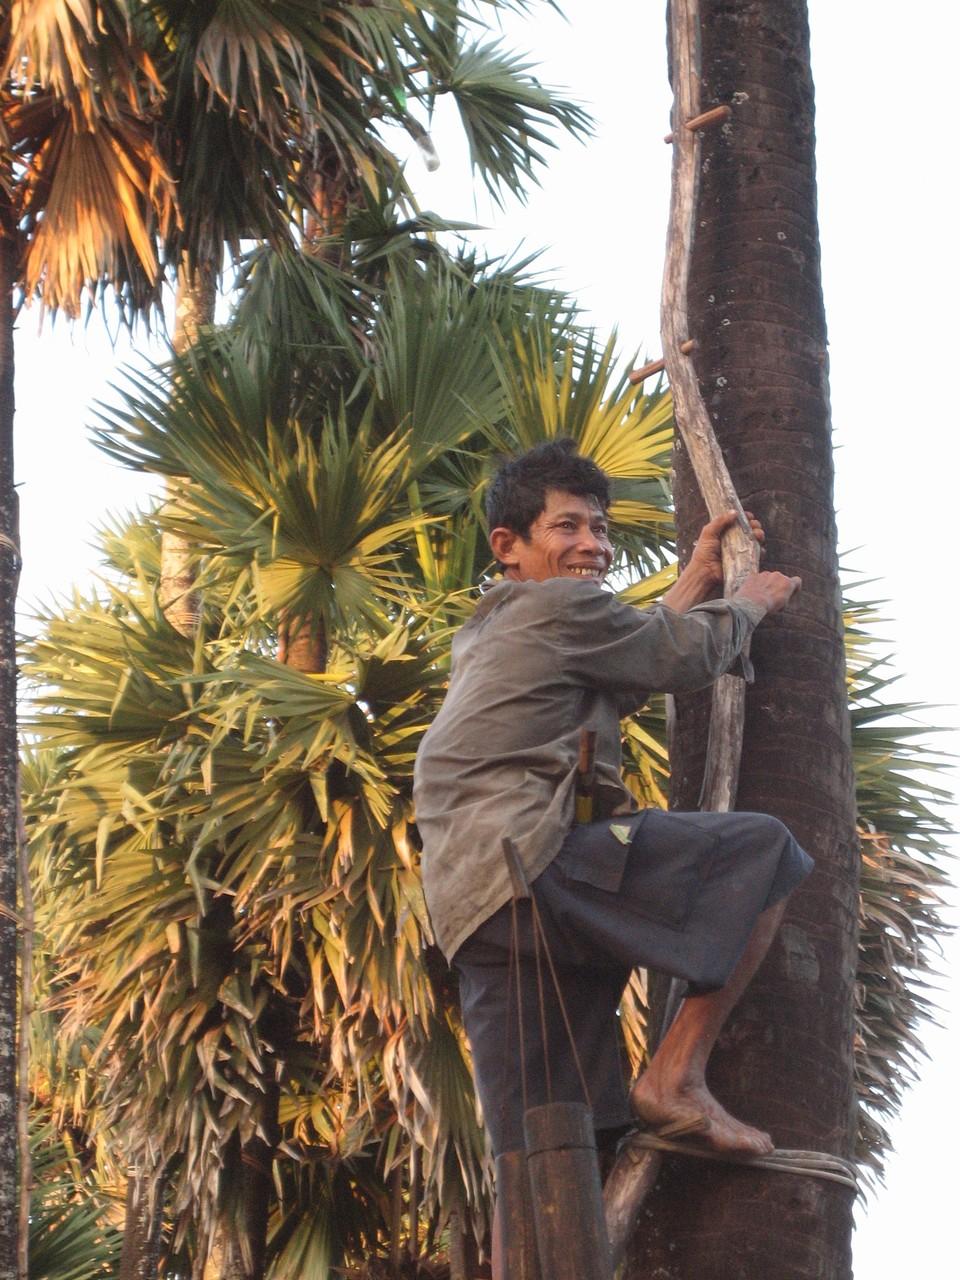 Dans la province de Kampot. Photo prise par Joseph Thach.